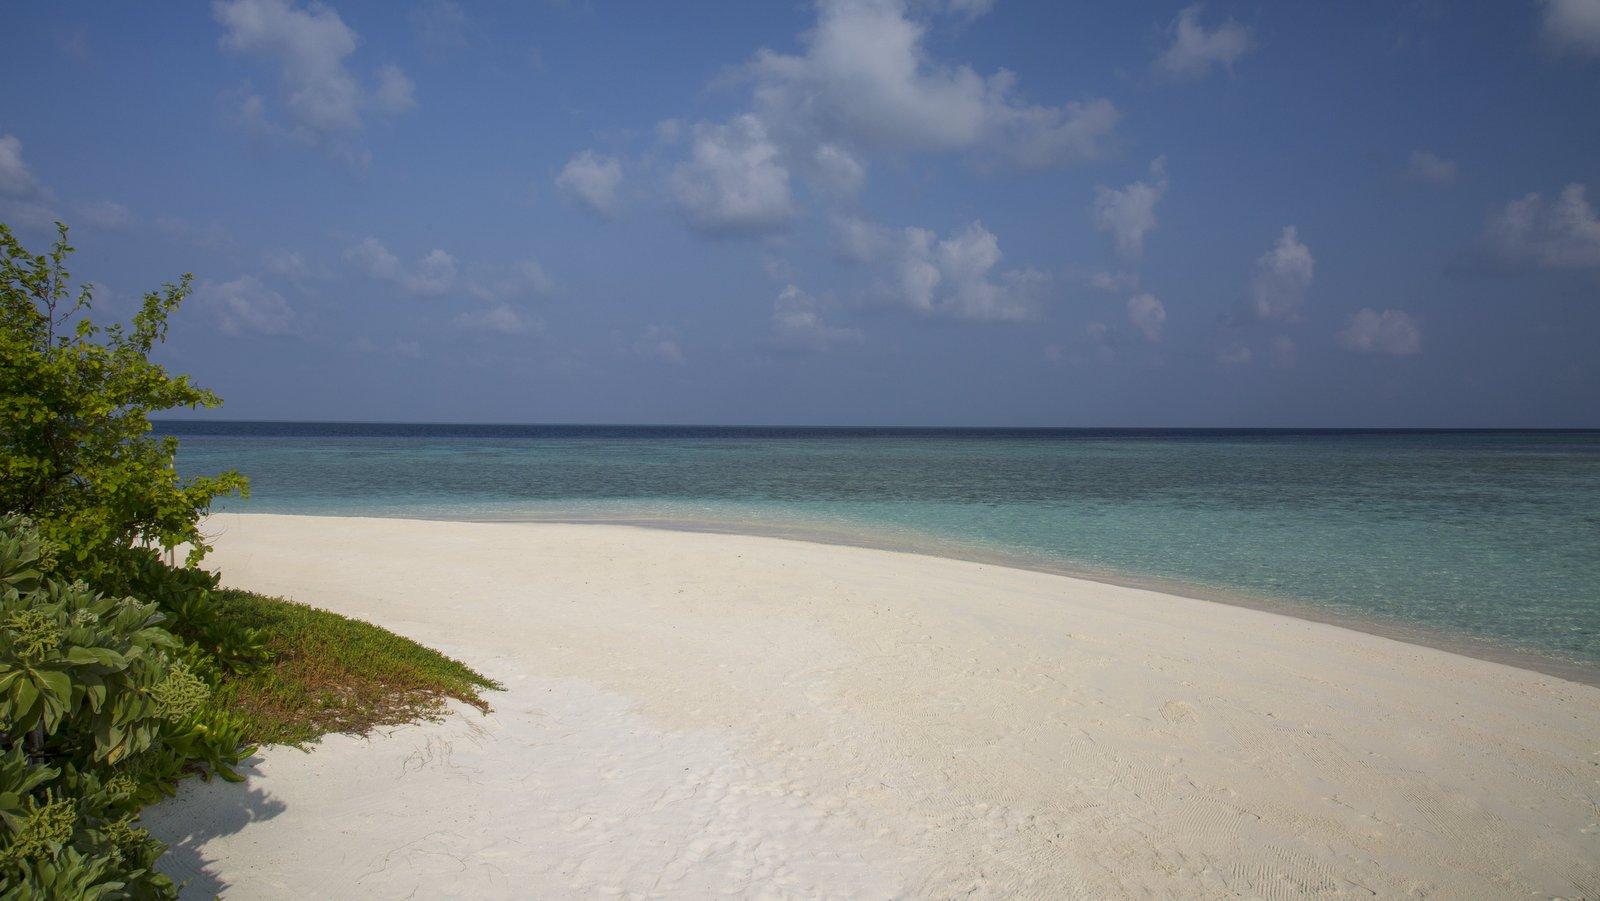 Мальдивы, отель Coco Palm Bodu Hithi, пляж